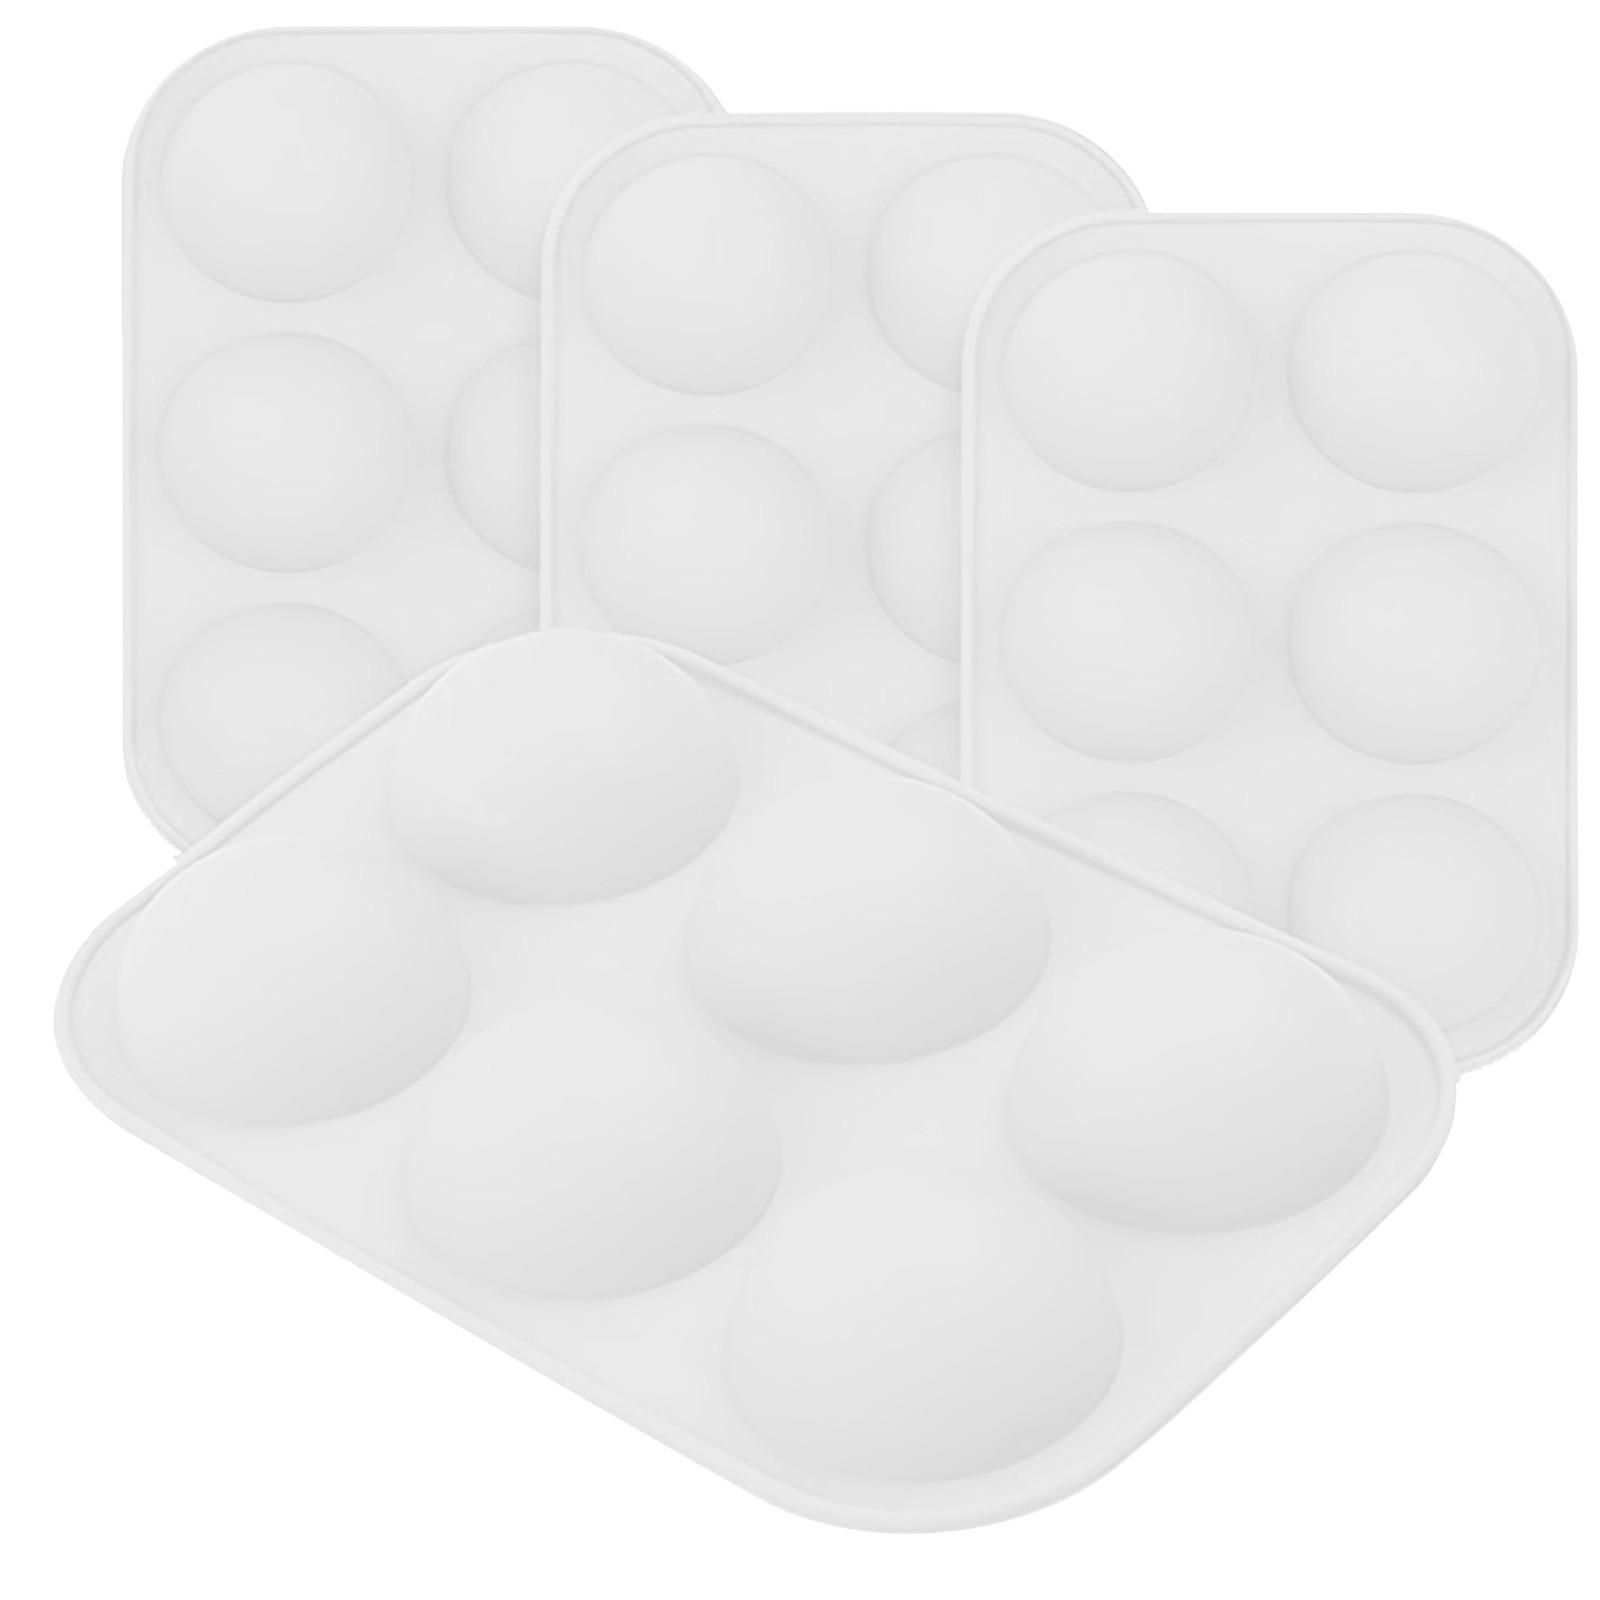 Средняя полусферическая силиконовая форма, форма для выпечки для изготовления шоколада, тортов, желе, купола M ^ пресс-форма инструменты для ...